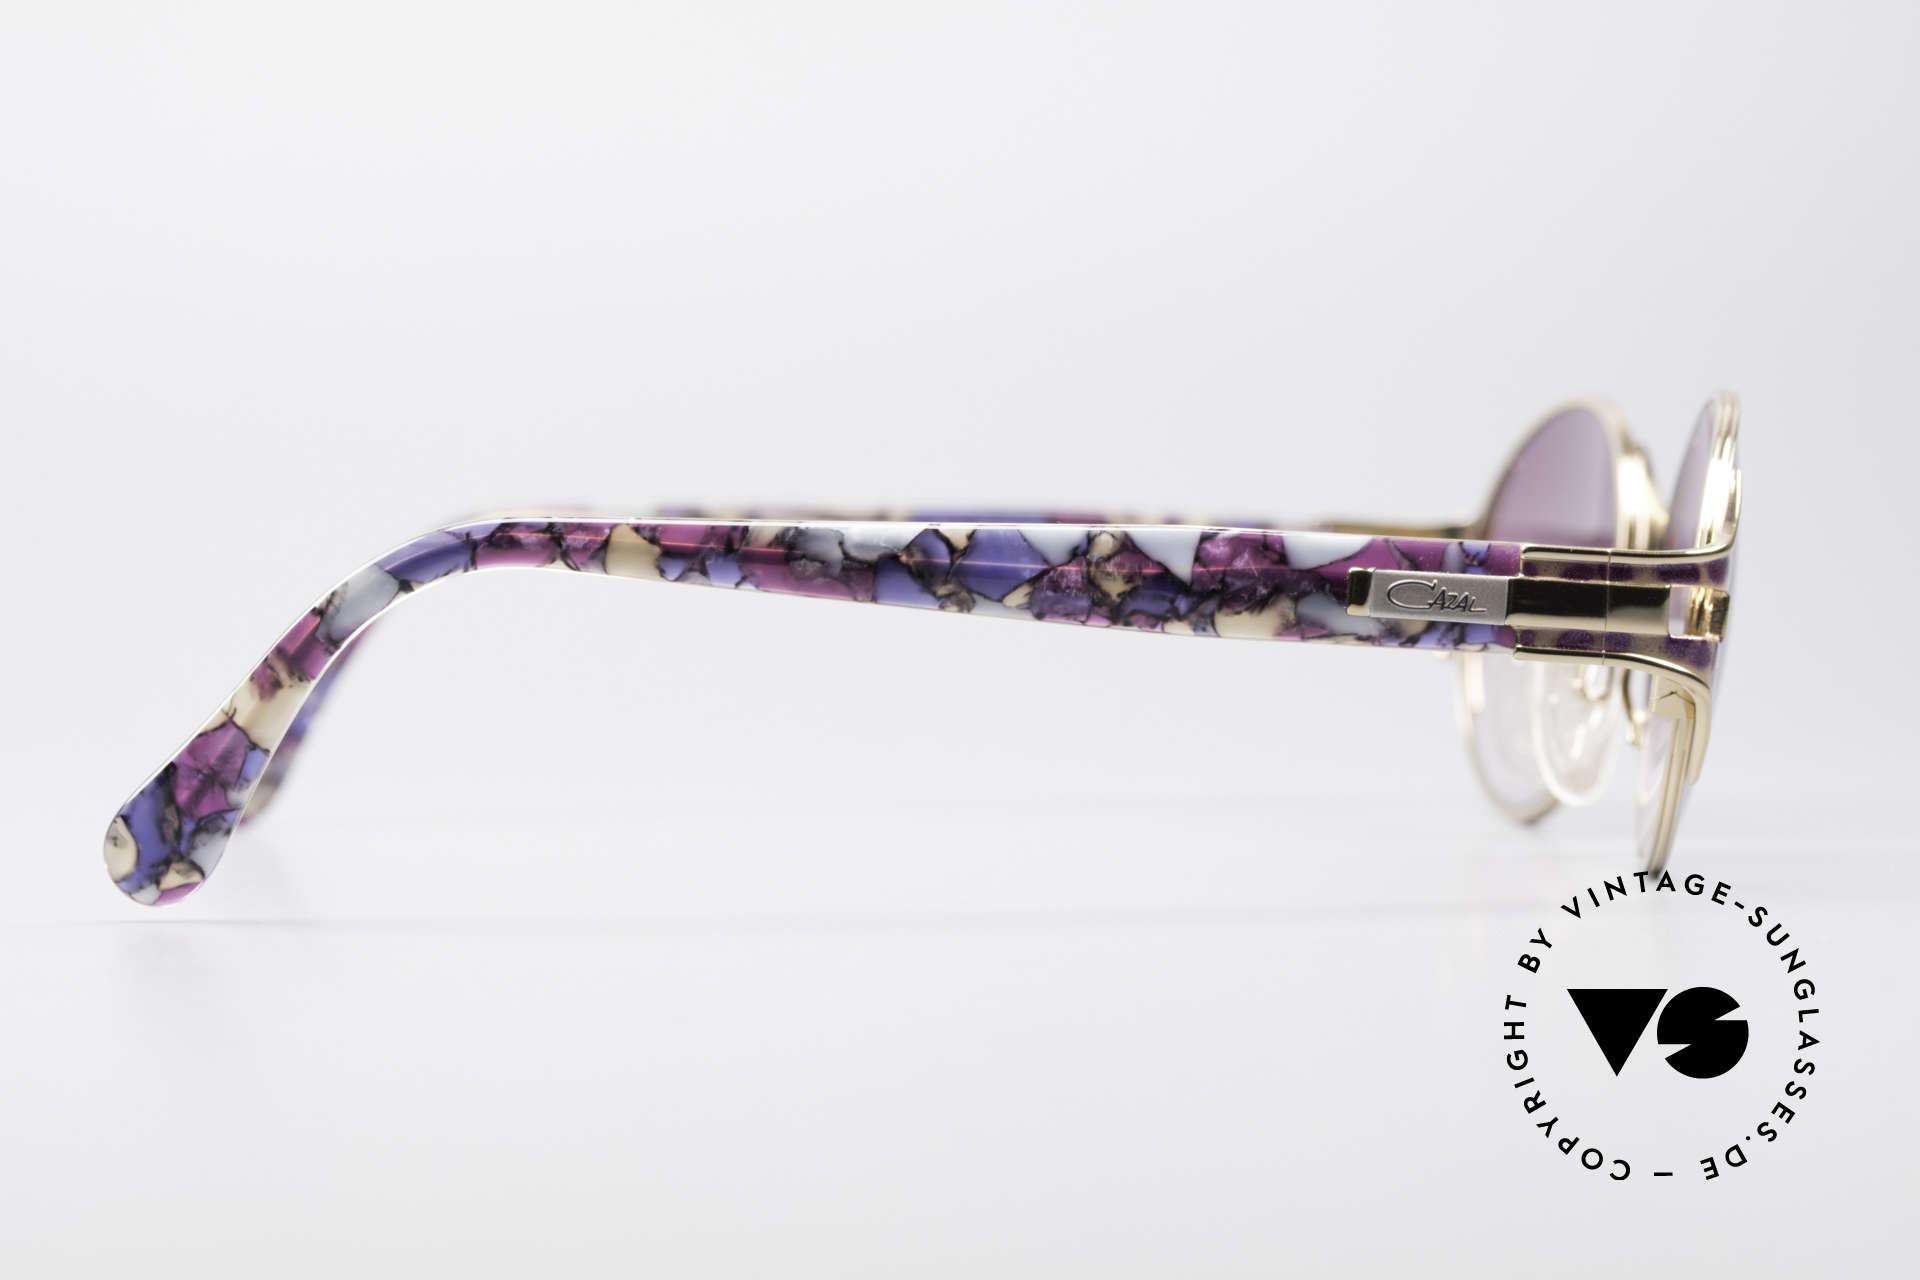 Cazal 281 Ovale Vintage Sonnnenbrille, KEINE Retrobrille; sondern ein 90er Jahre Original!, Passend für Damen